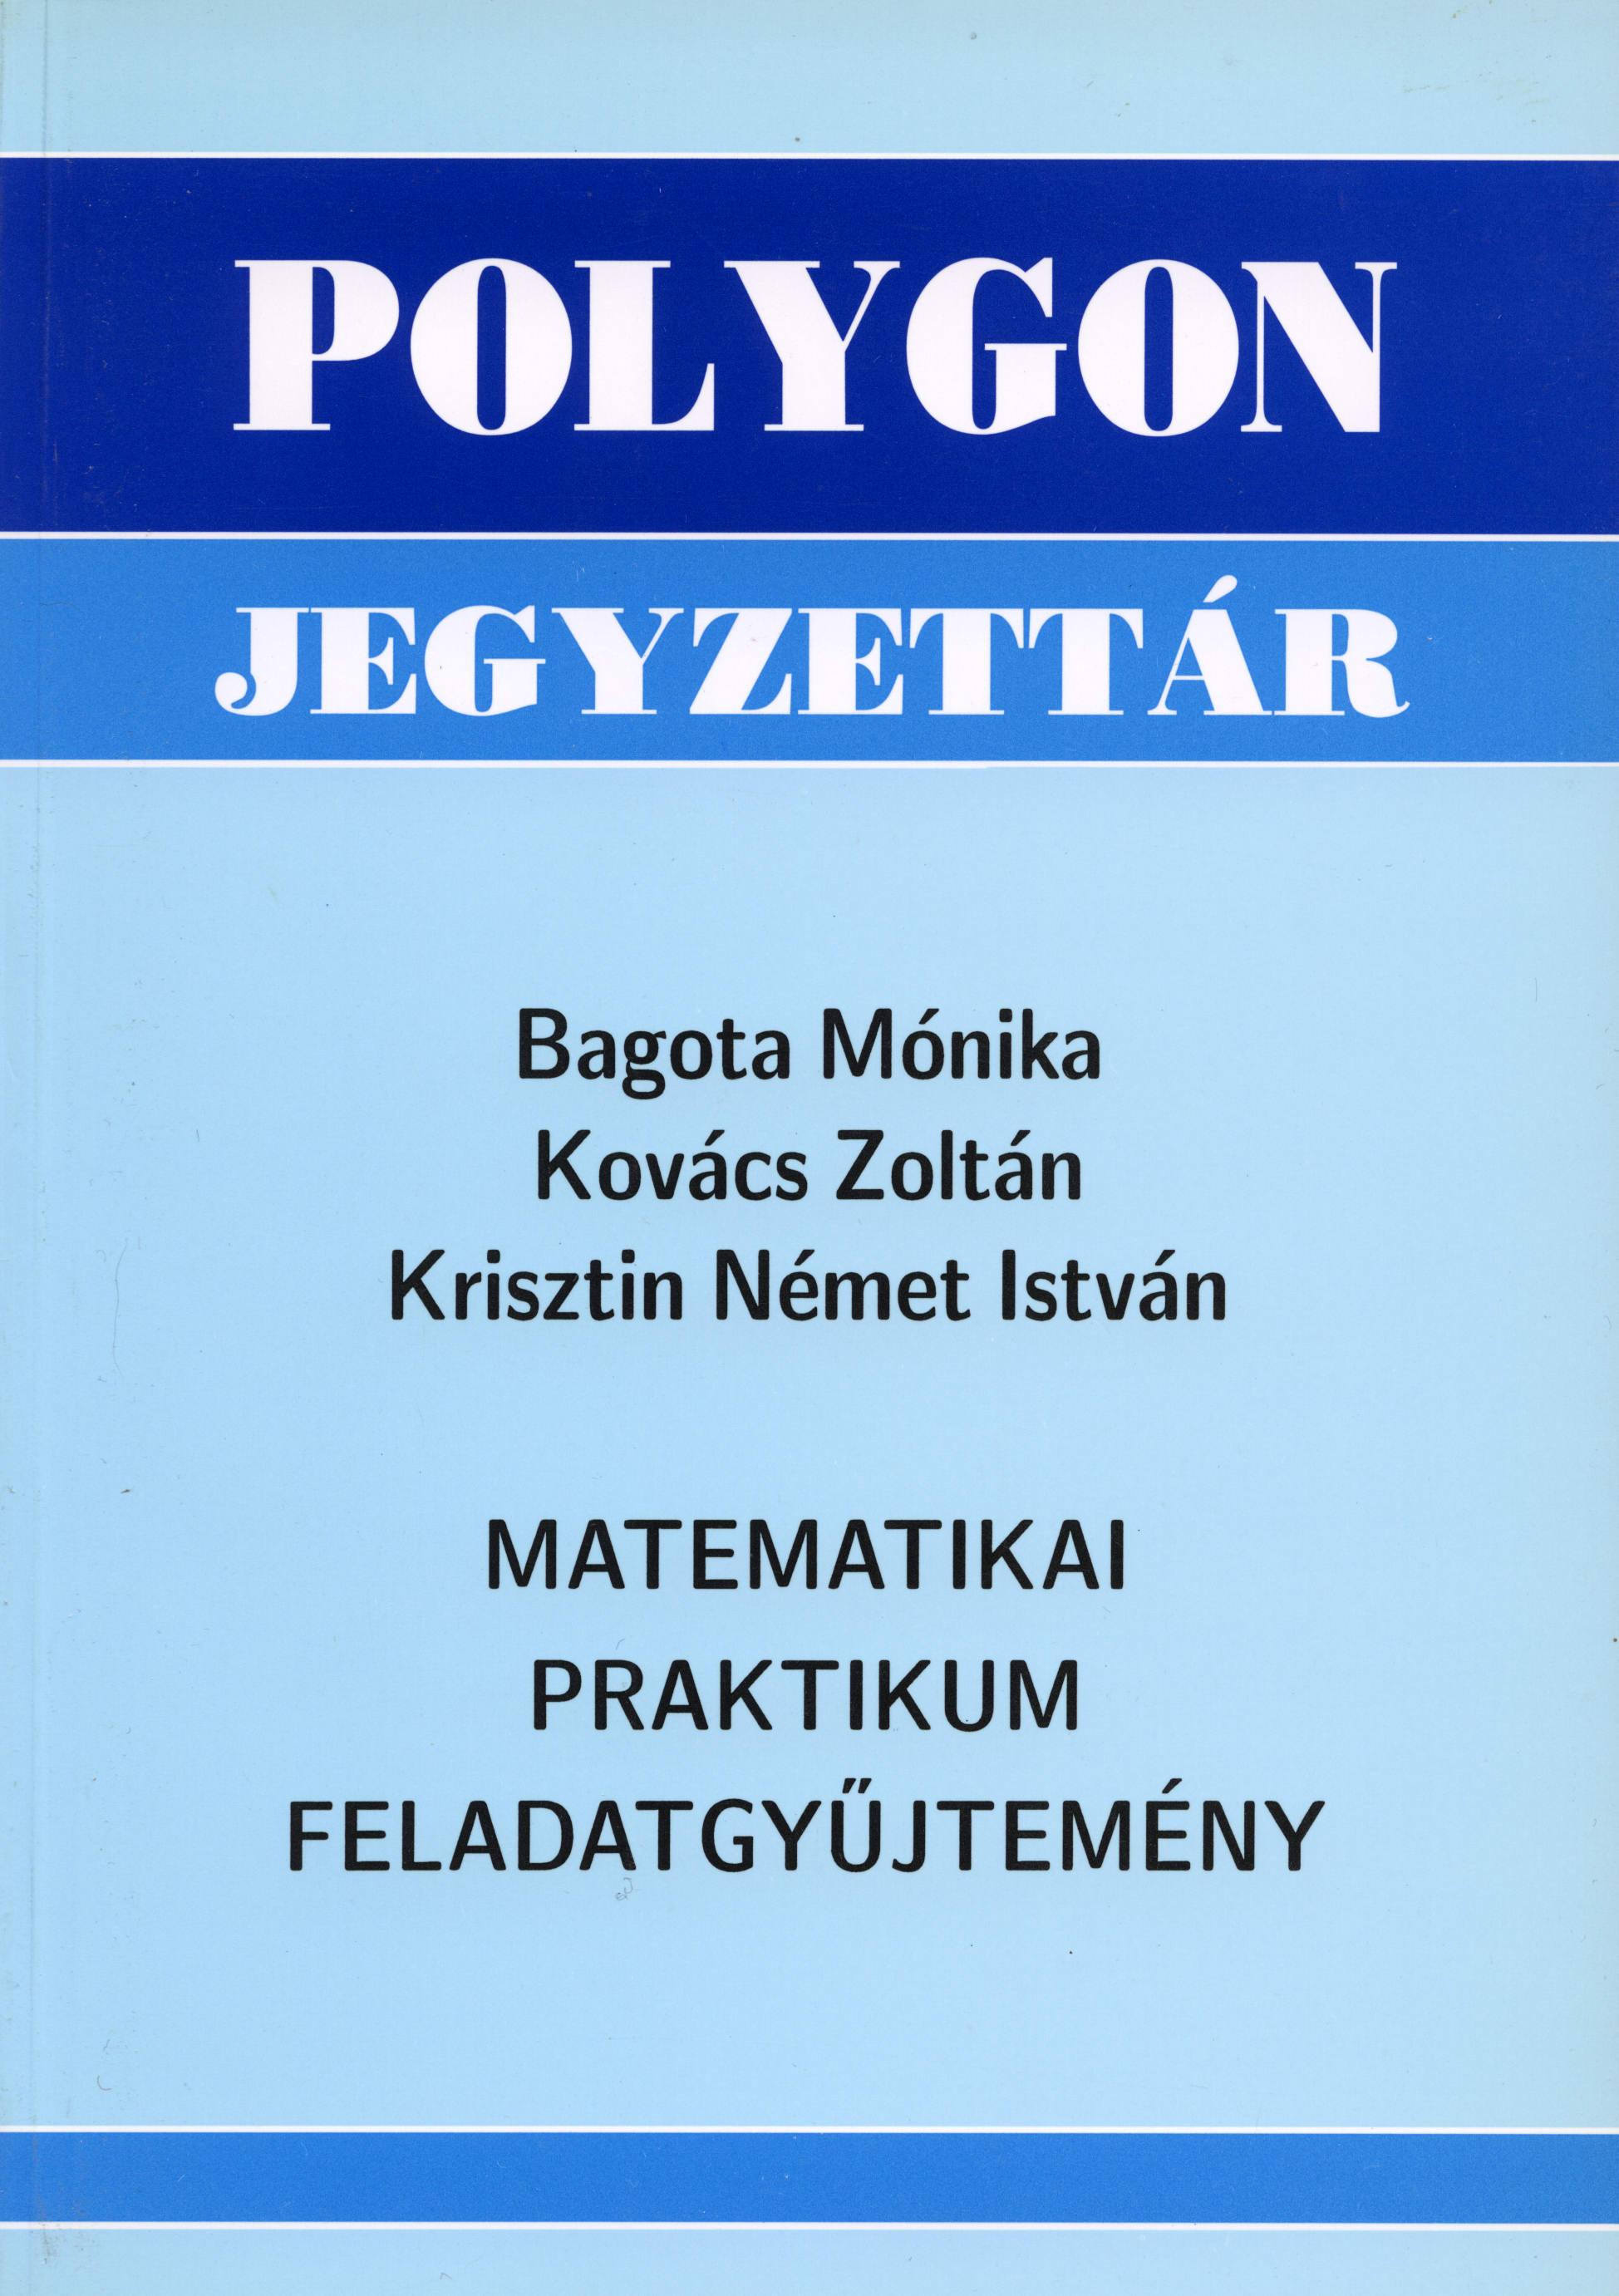 Matematikai praktikum feladatgyűjtemény - Polygon jegyzet